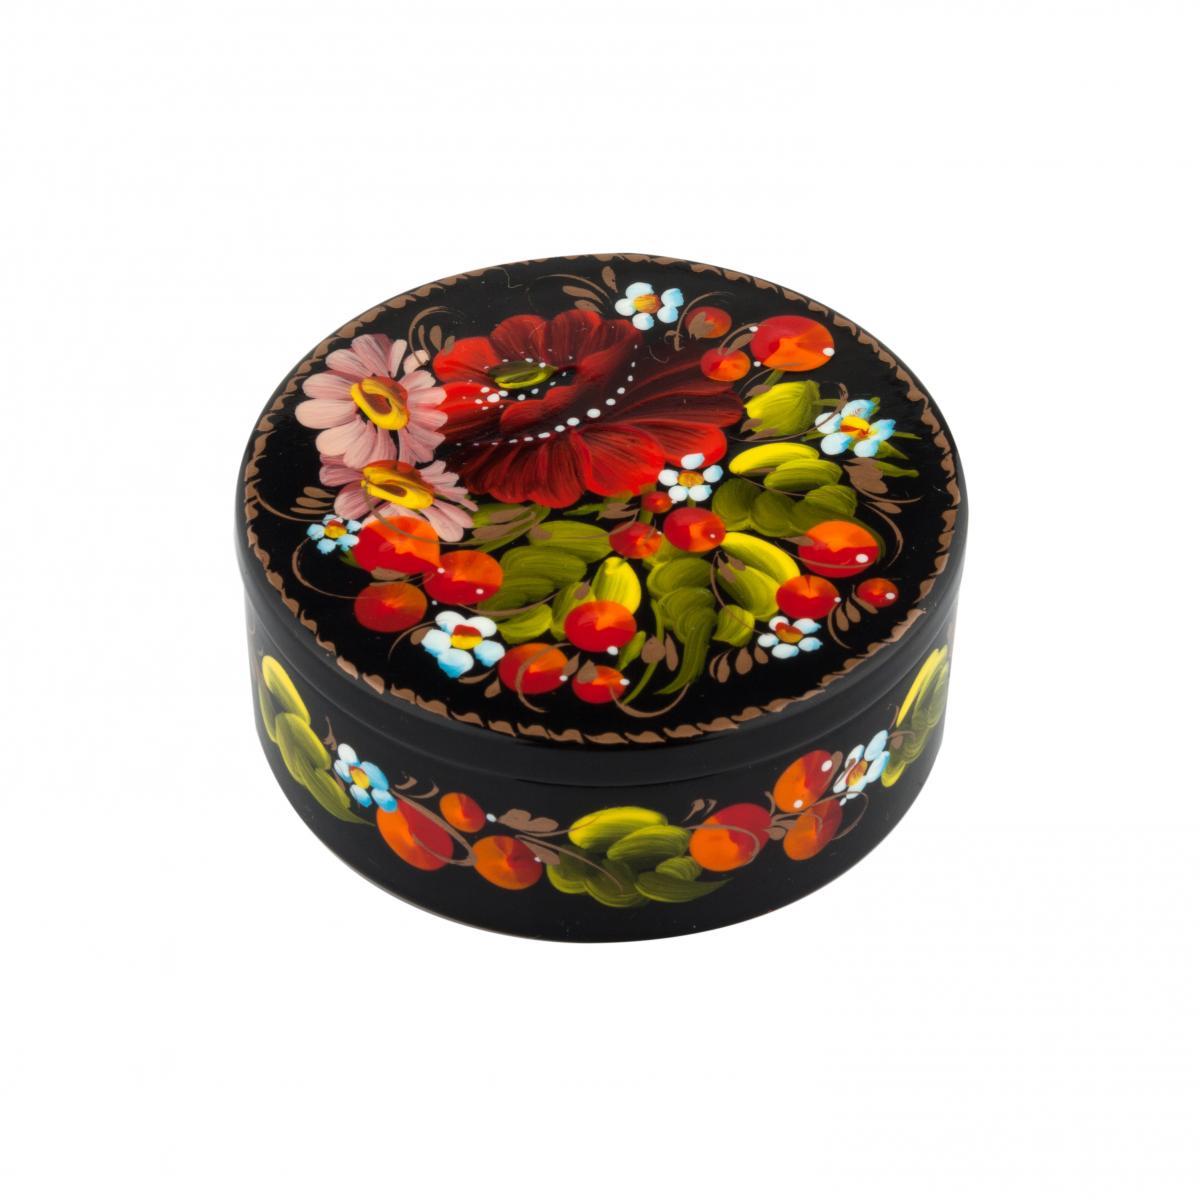 Шкатулка с цветочной росписью №7. Фото №1. | Народный дом Украина